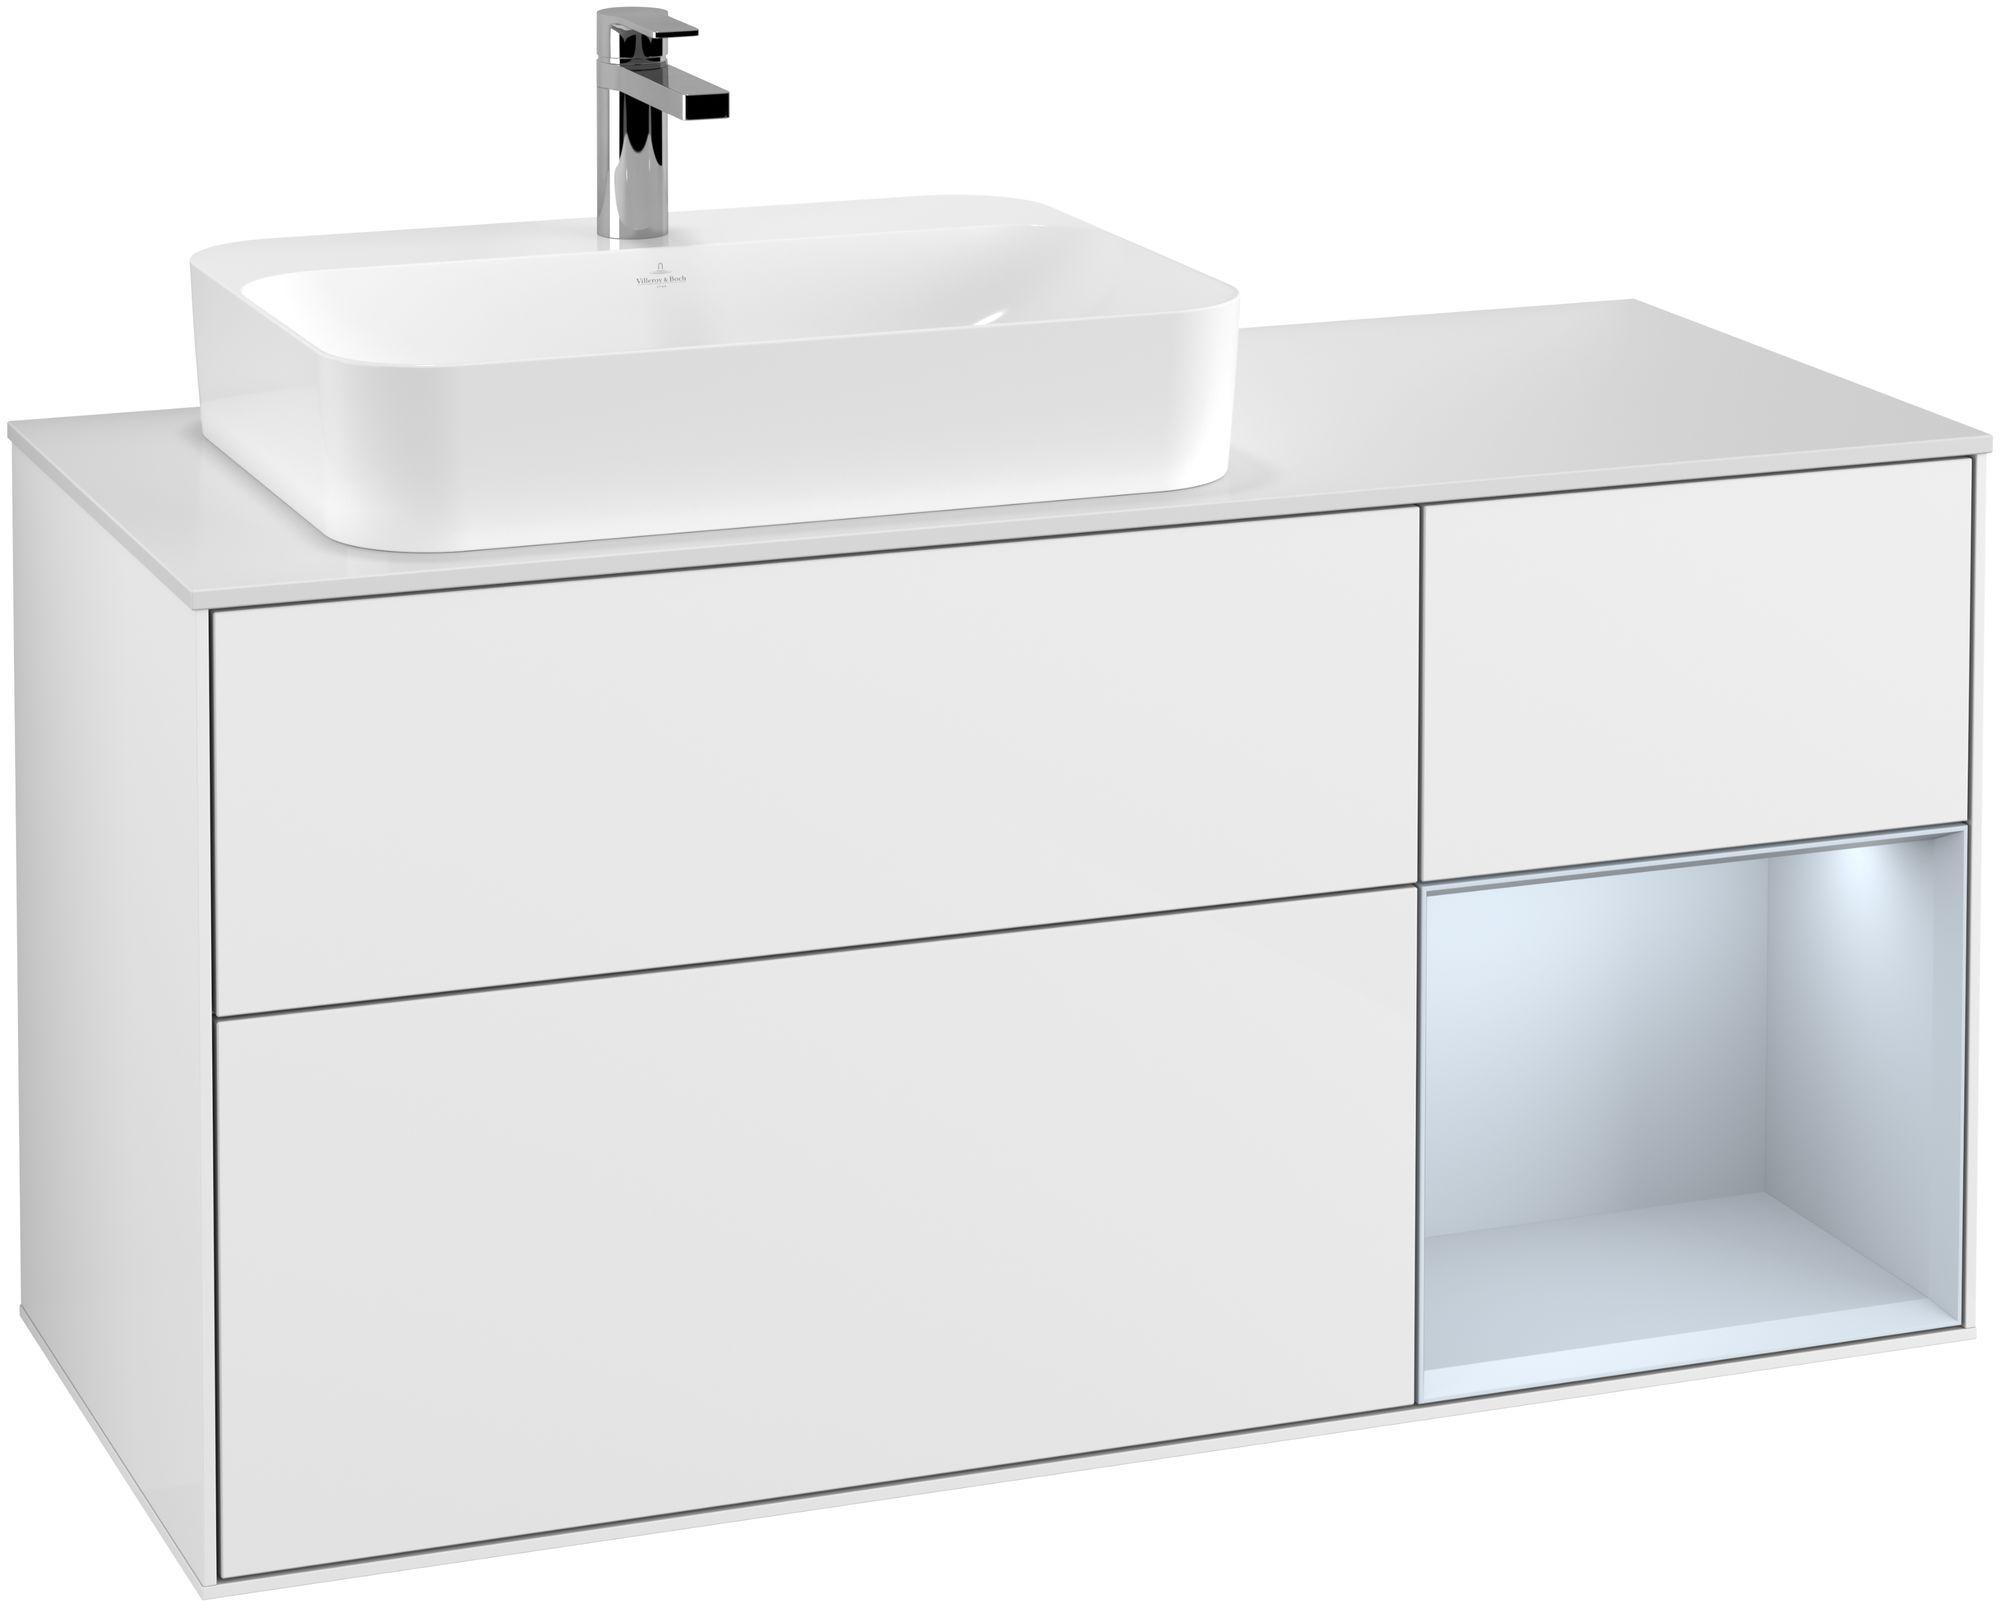 Villeroy & Boch Finion G40 Waschtischunterschrank mit Regalelement 3 Auszüge Waschtisch links LED-Beleuchtung B:120xH:60,3xT:50,1cm Front, Korpus: Glossy White Lack, Regal: Cloud, Glasplatte: White Matt G401HAGF